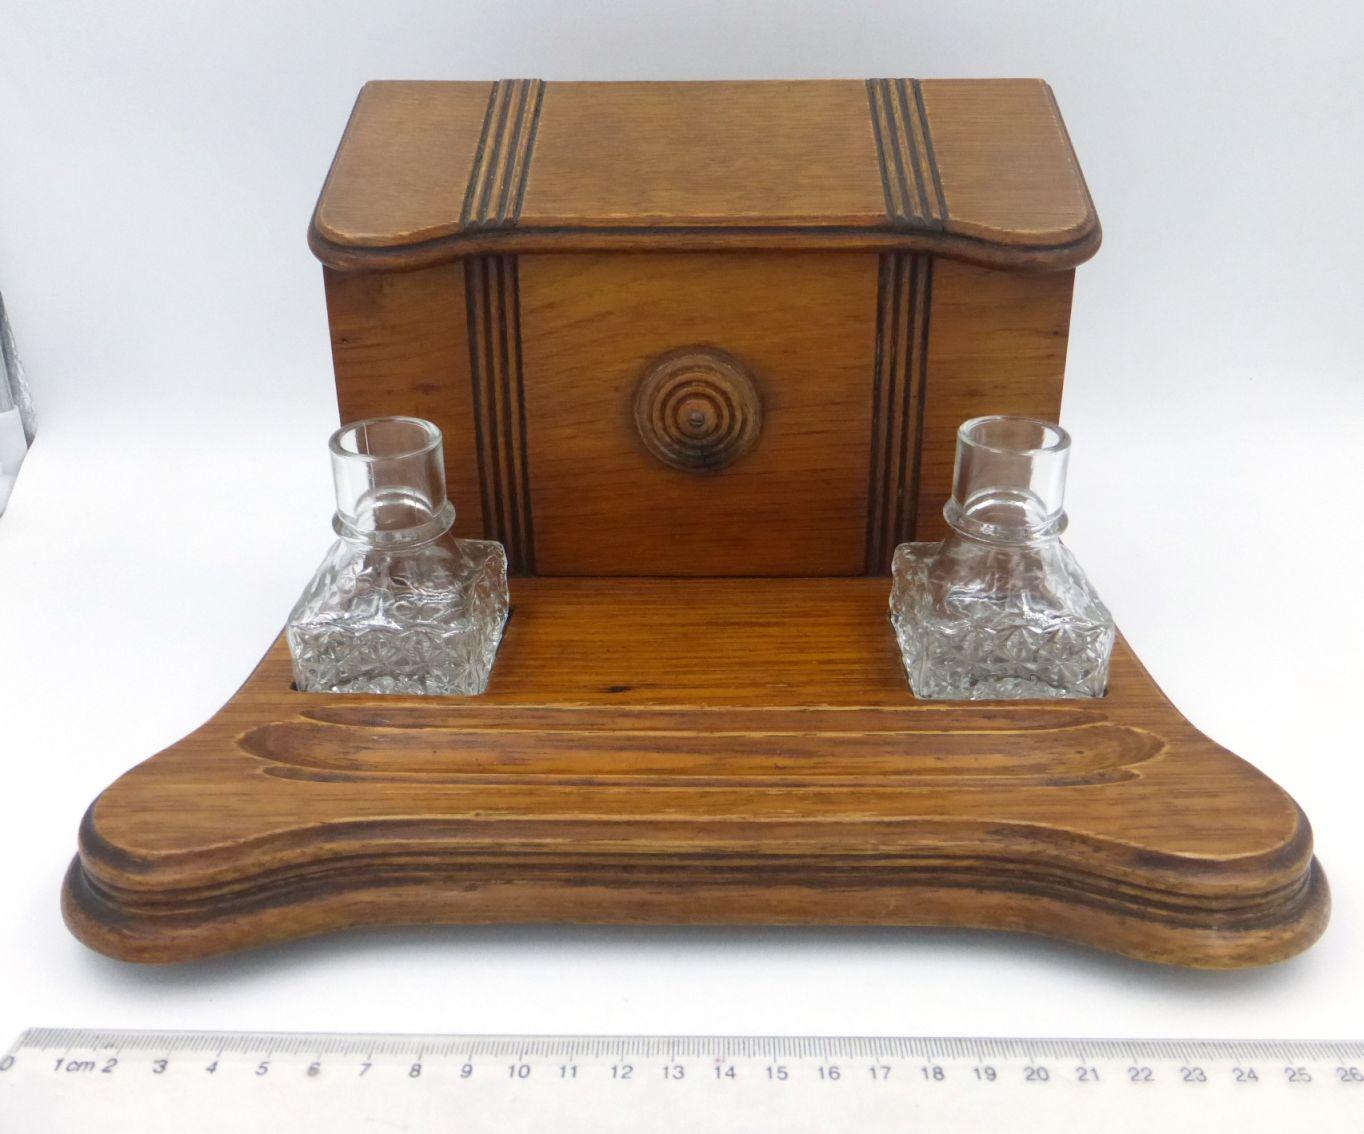 """מכתביה עשויה עץ, כוללת קסת דיו ומתקן למעטפות ונייר, עם בקבוק לדיו ובקבוק לחול עשויים זכוכית, 21X28 ס""""מ, גובה 17 ס""""מ"""